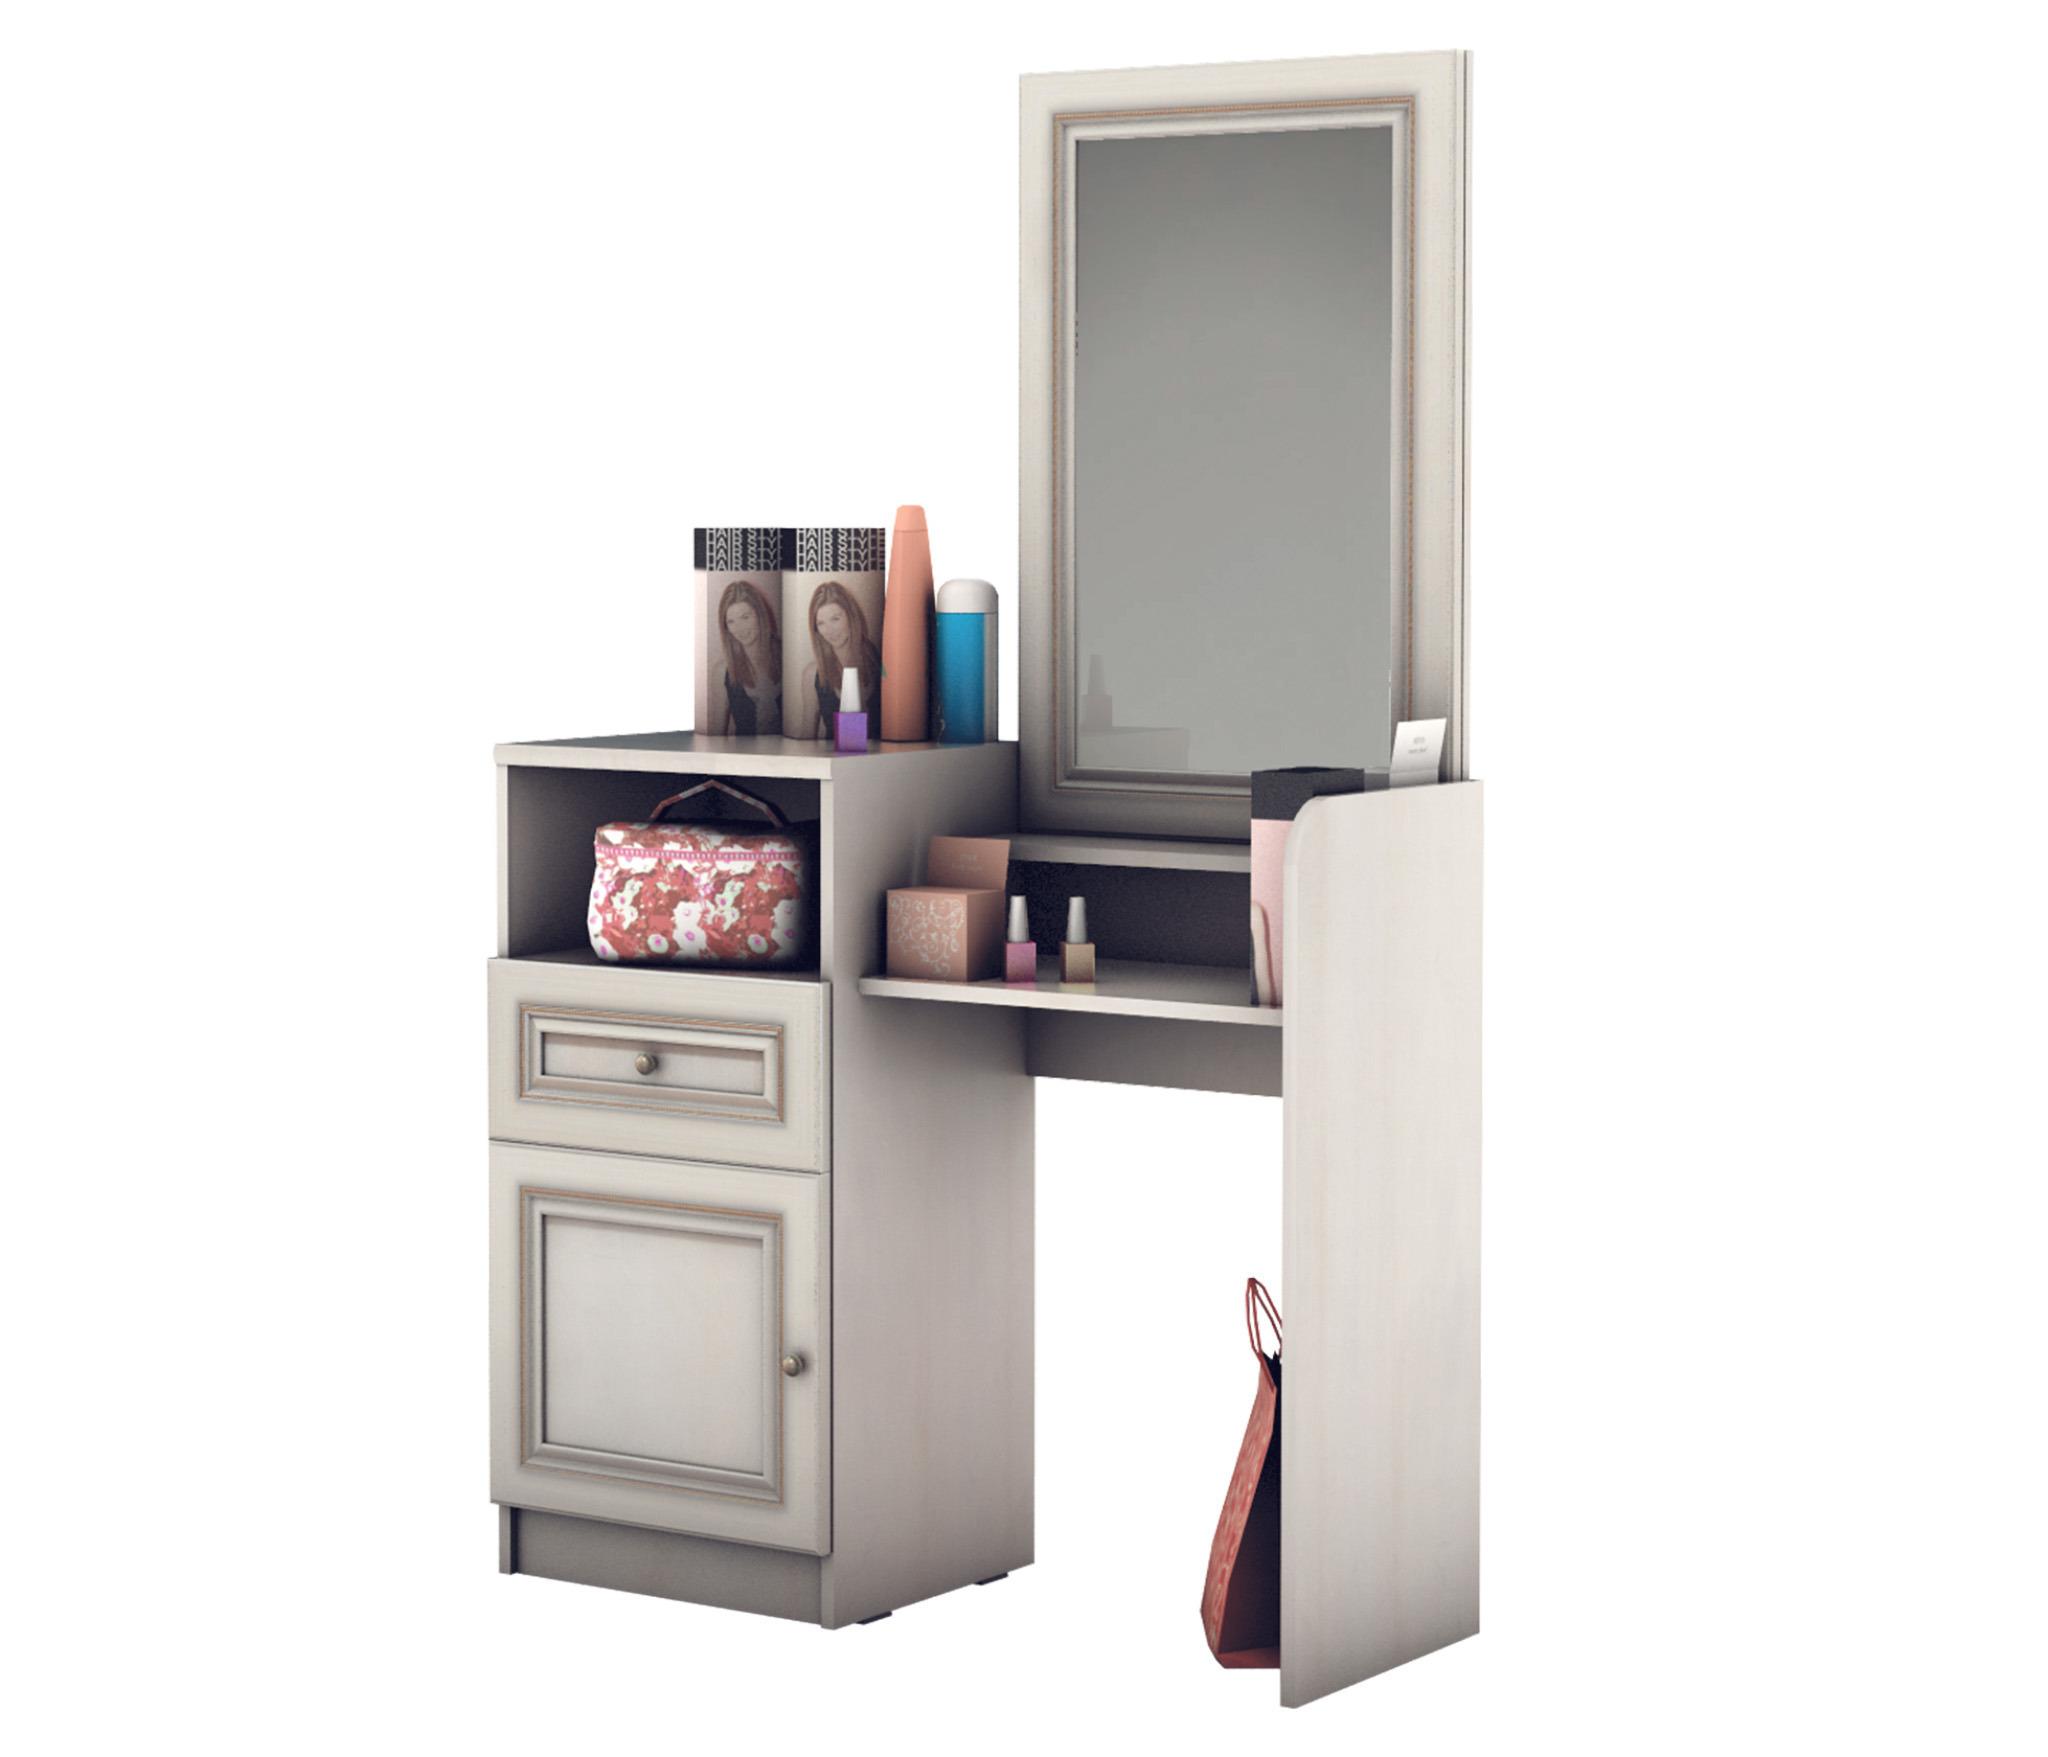 Венеция СБ-1298 Стол туалетныйГостиная<br>Красивый и удобный туалетный столик.<br><br>Длина мм: 985<br>Высота мм: 1607<br>Глубина мм: 373<br>Особенности: С зеркалом